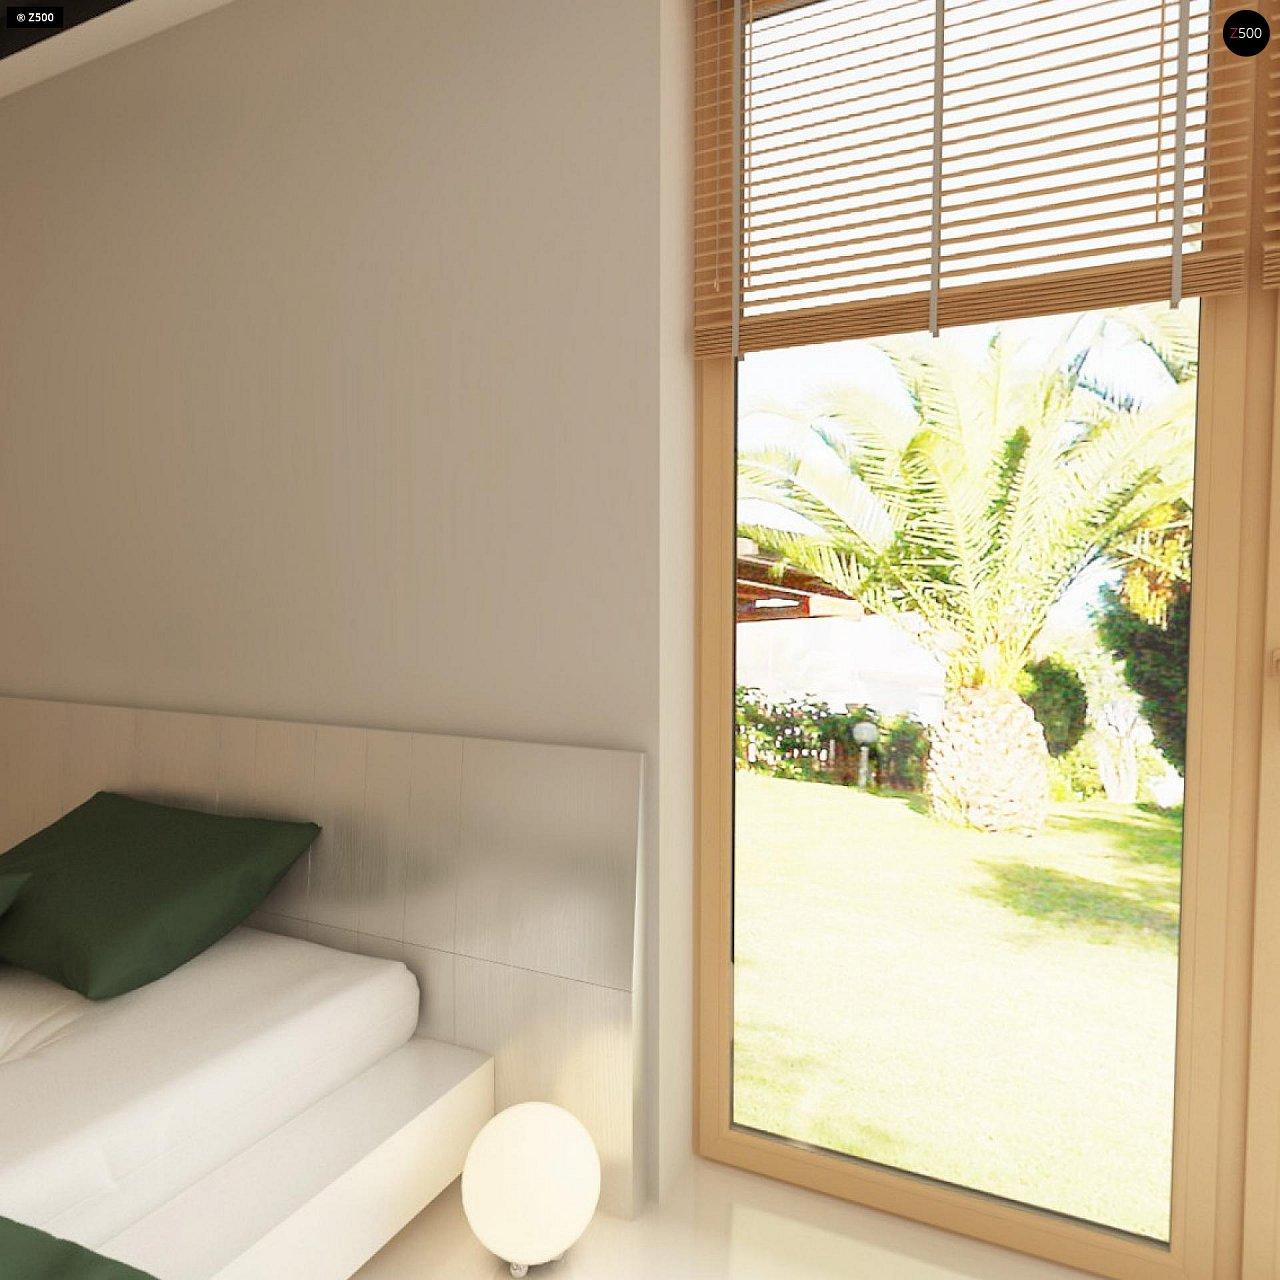 Прекрасное сочетание строгих минималистичных форм и уютного практичного интерьера. 16